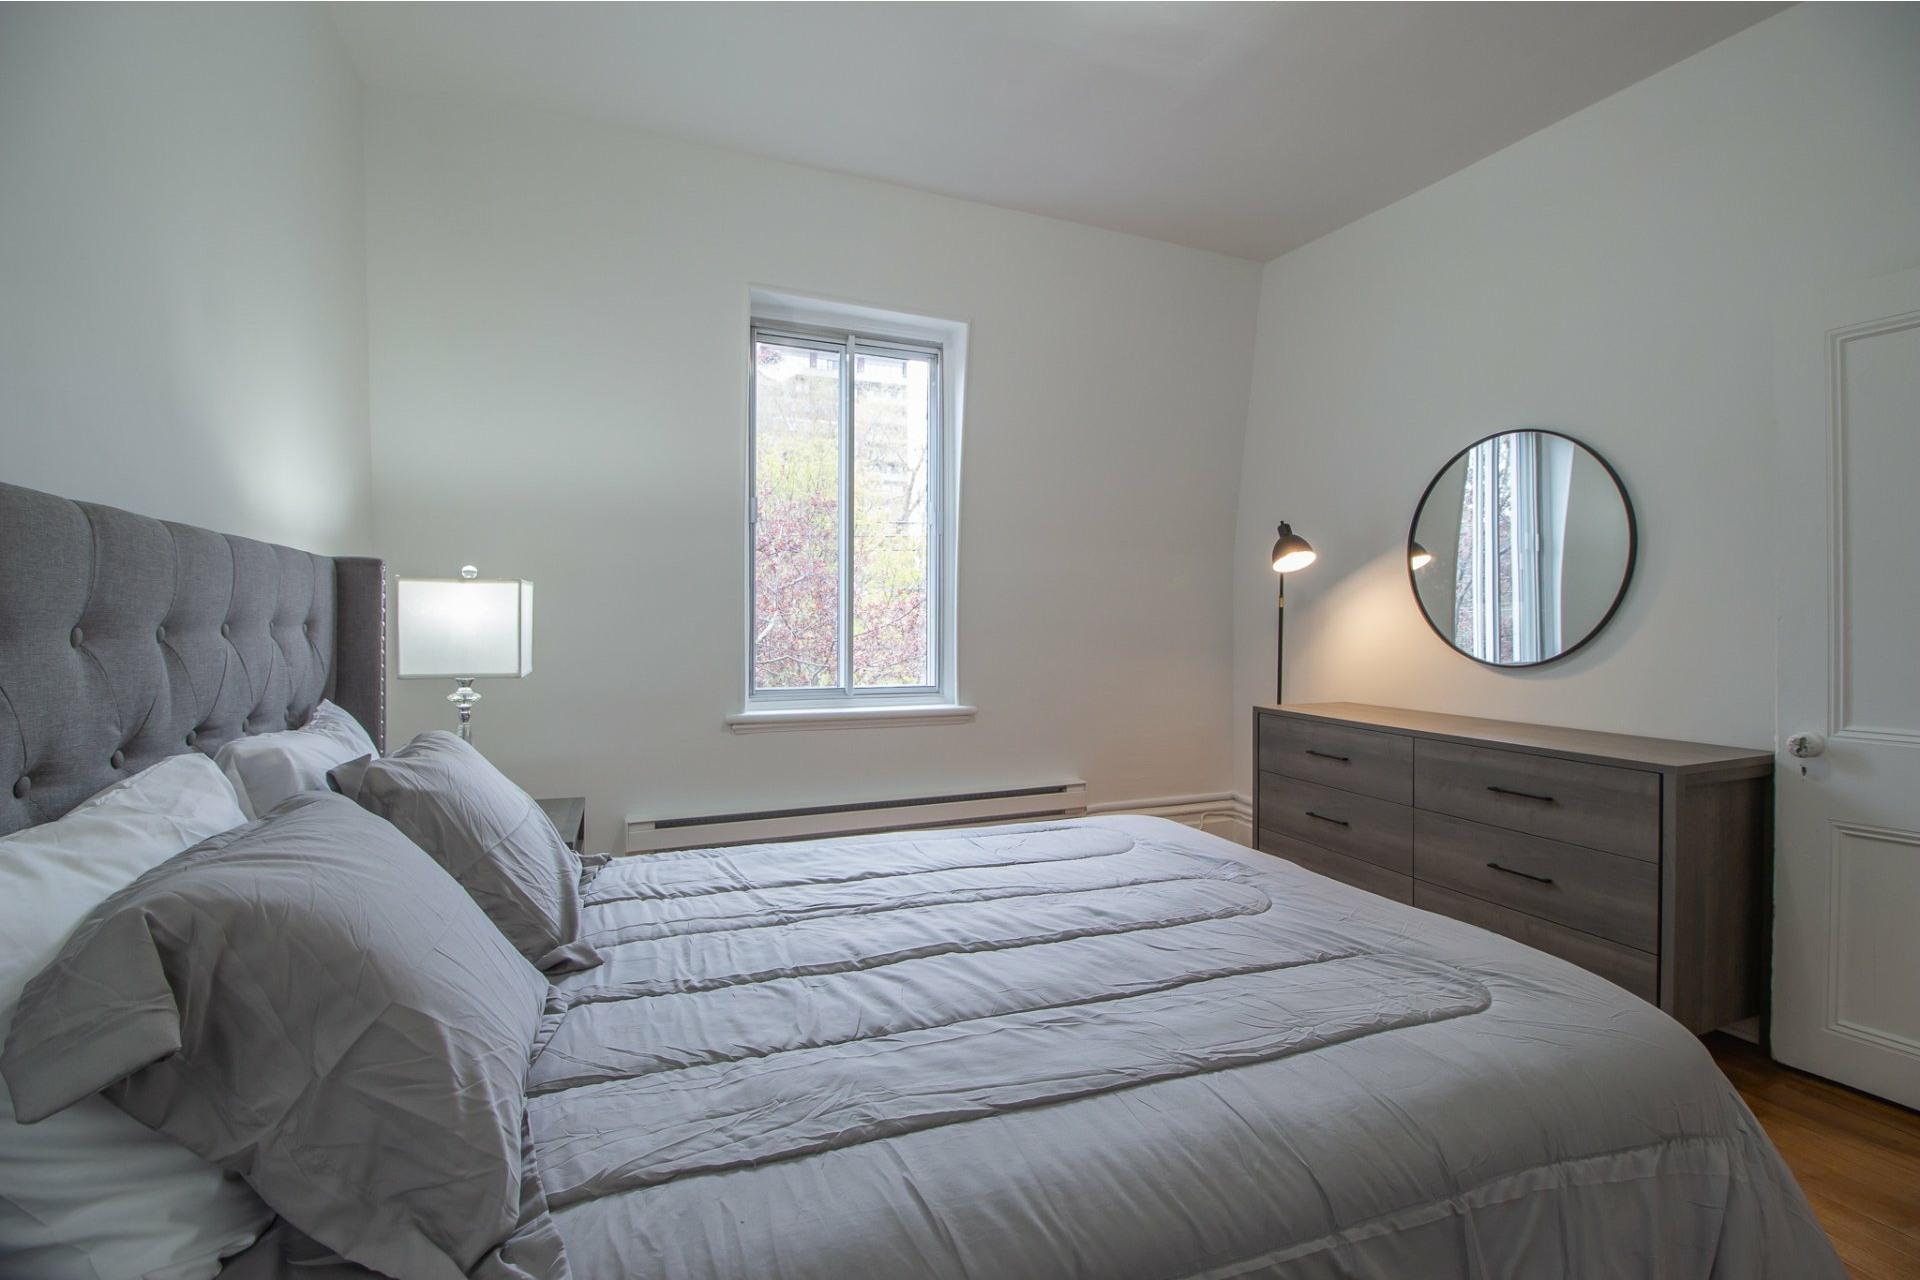 image 12 - Maison À louer Côte-des-Neiges/Notre-Dame-de-Grâce Montréal  - 8 pièces